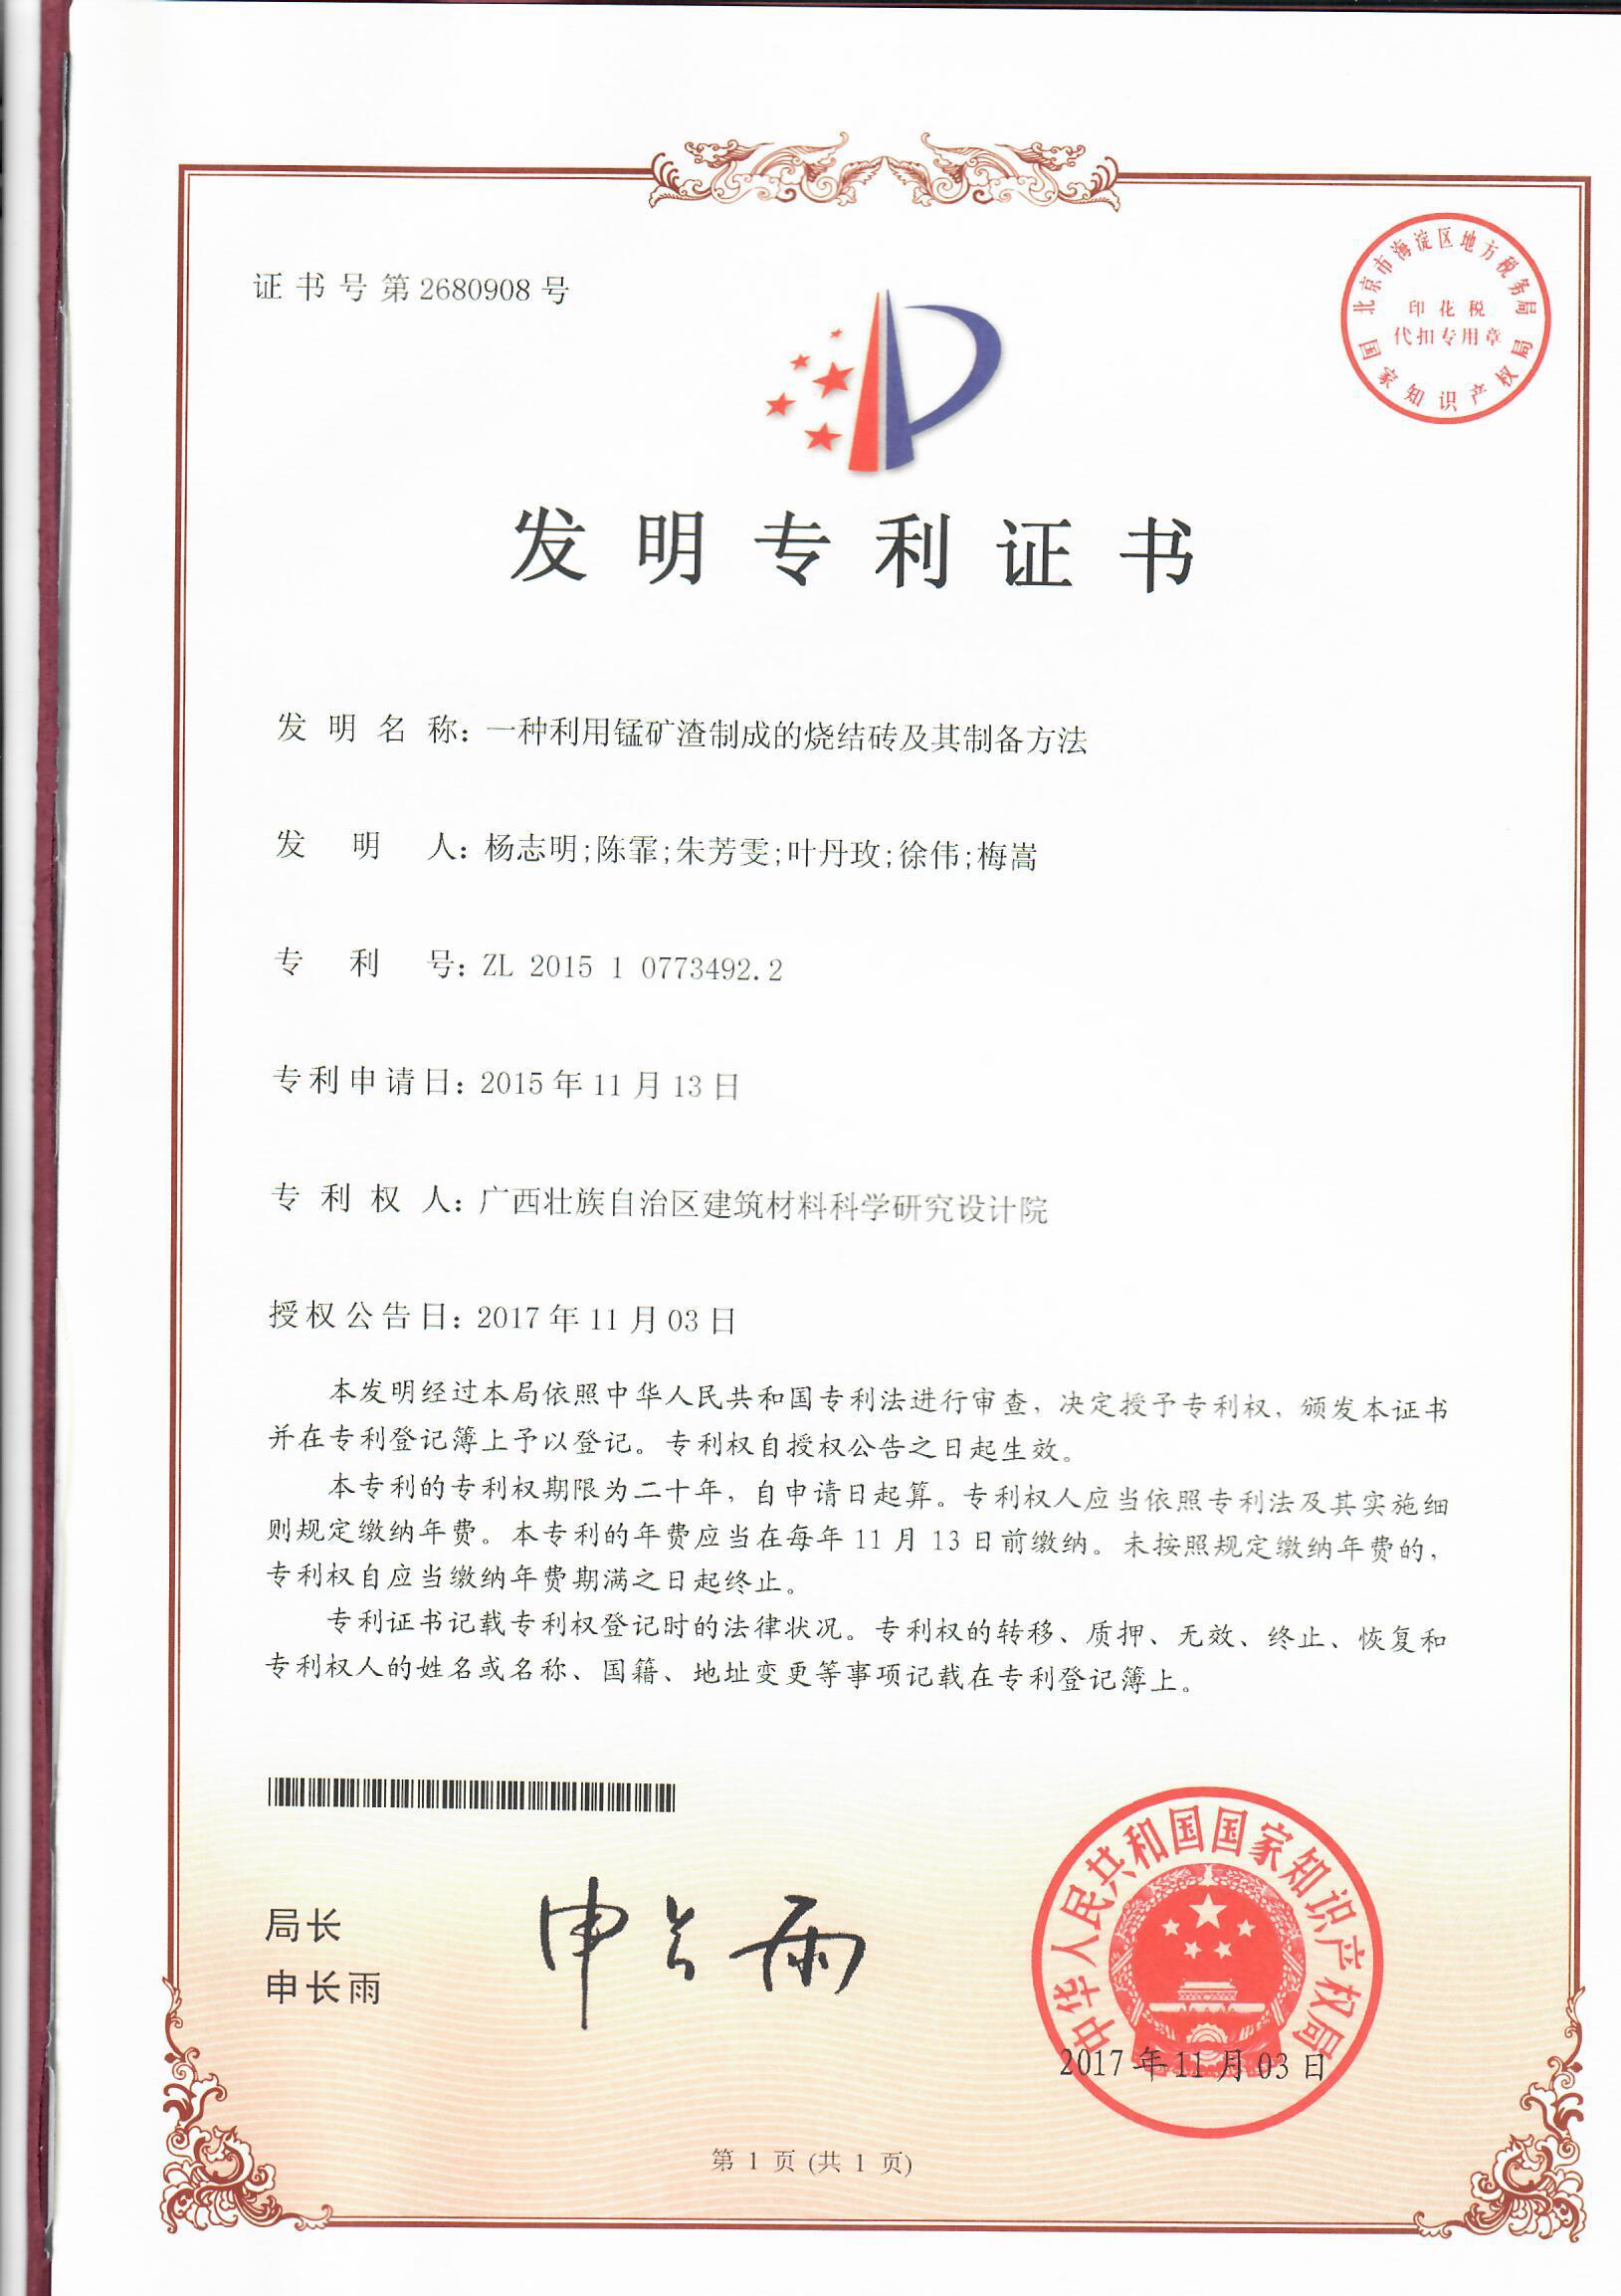 发明专利证书(一种利用锰矿渣制成的烧结砖及其制备方法